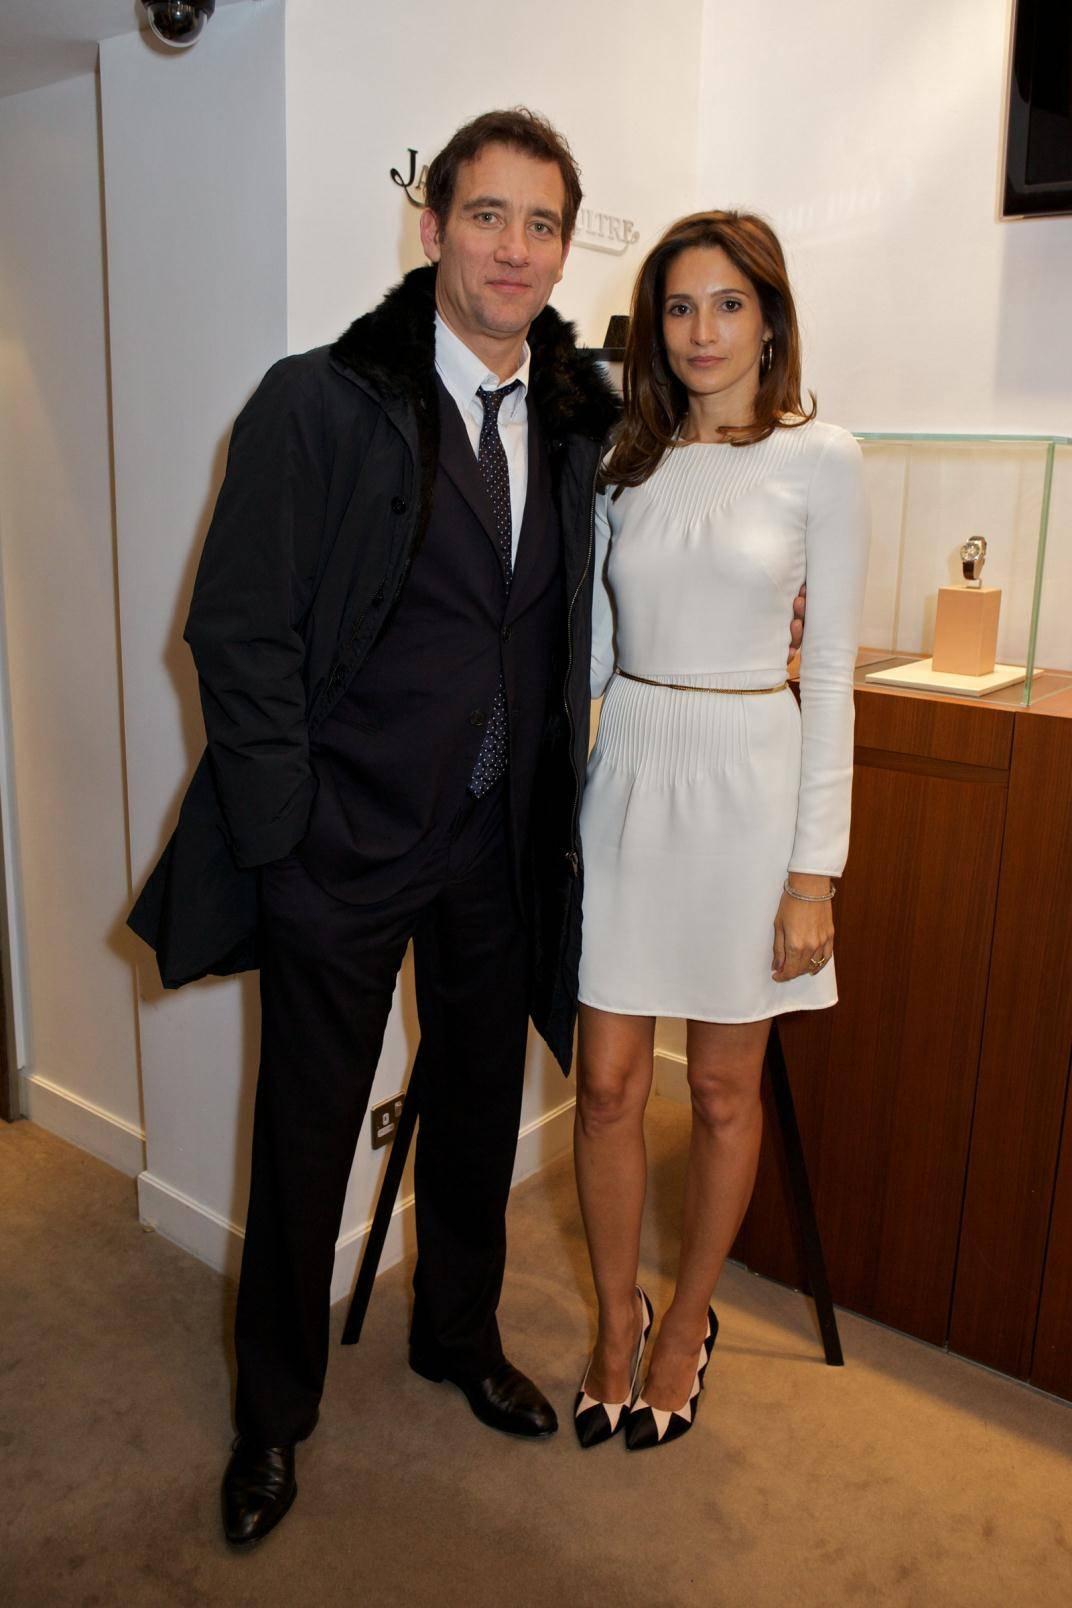 Clive Owen and Astrid Munoz